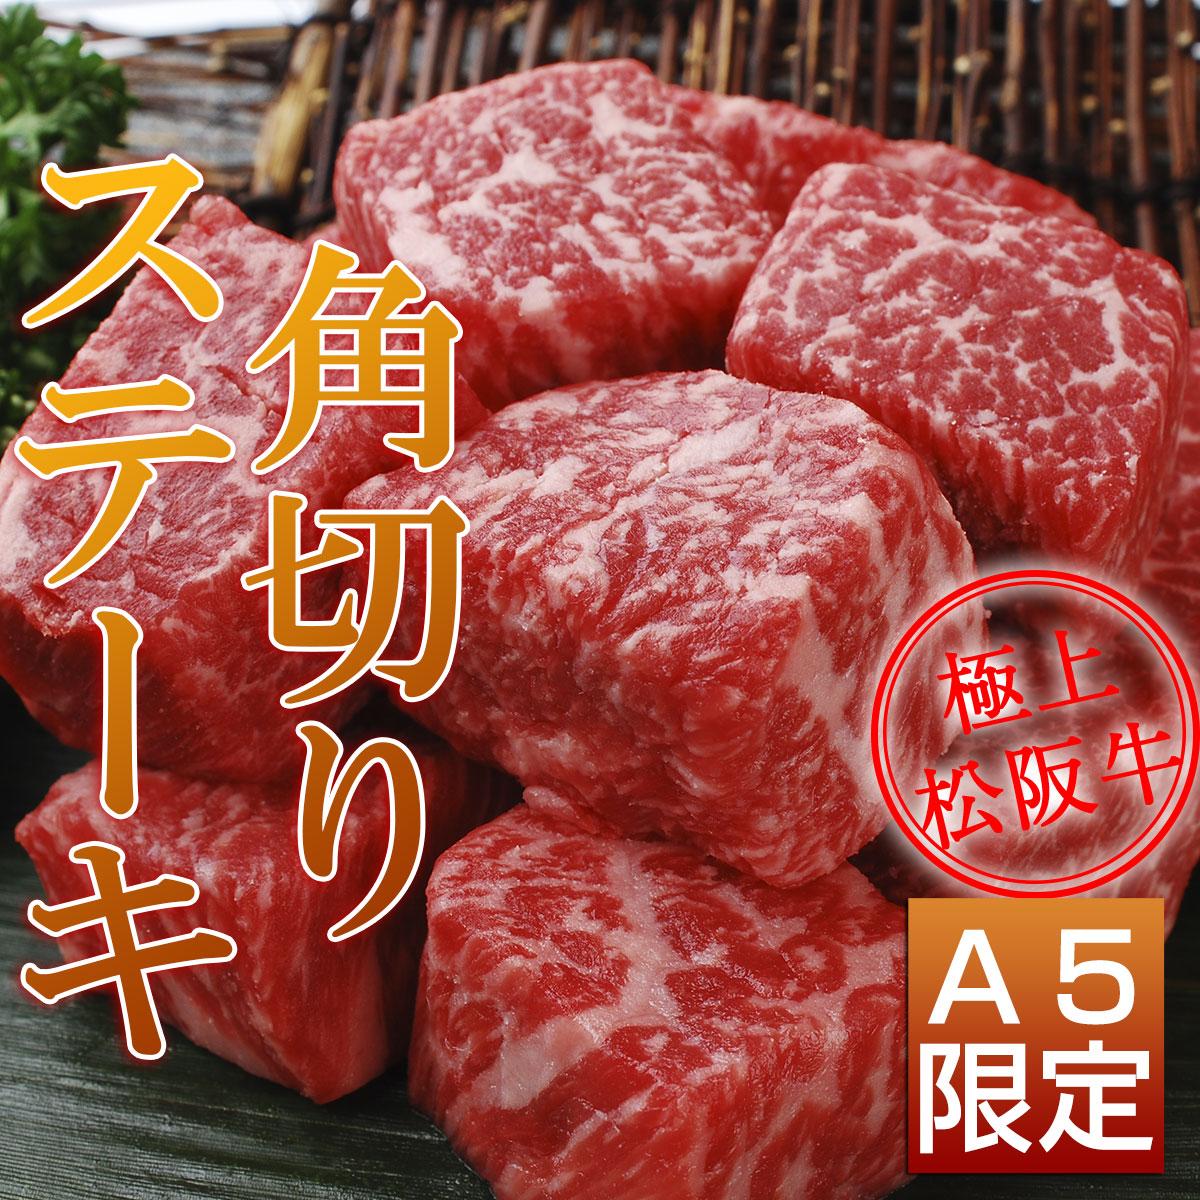 松阪牛ステーキ食べ比べセット4点GOLD(イチボ・トモサン・ダイヤ・角切り)